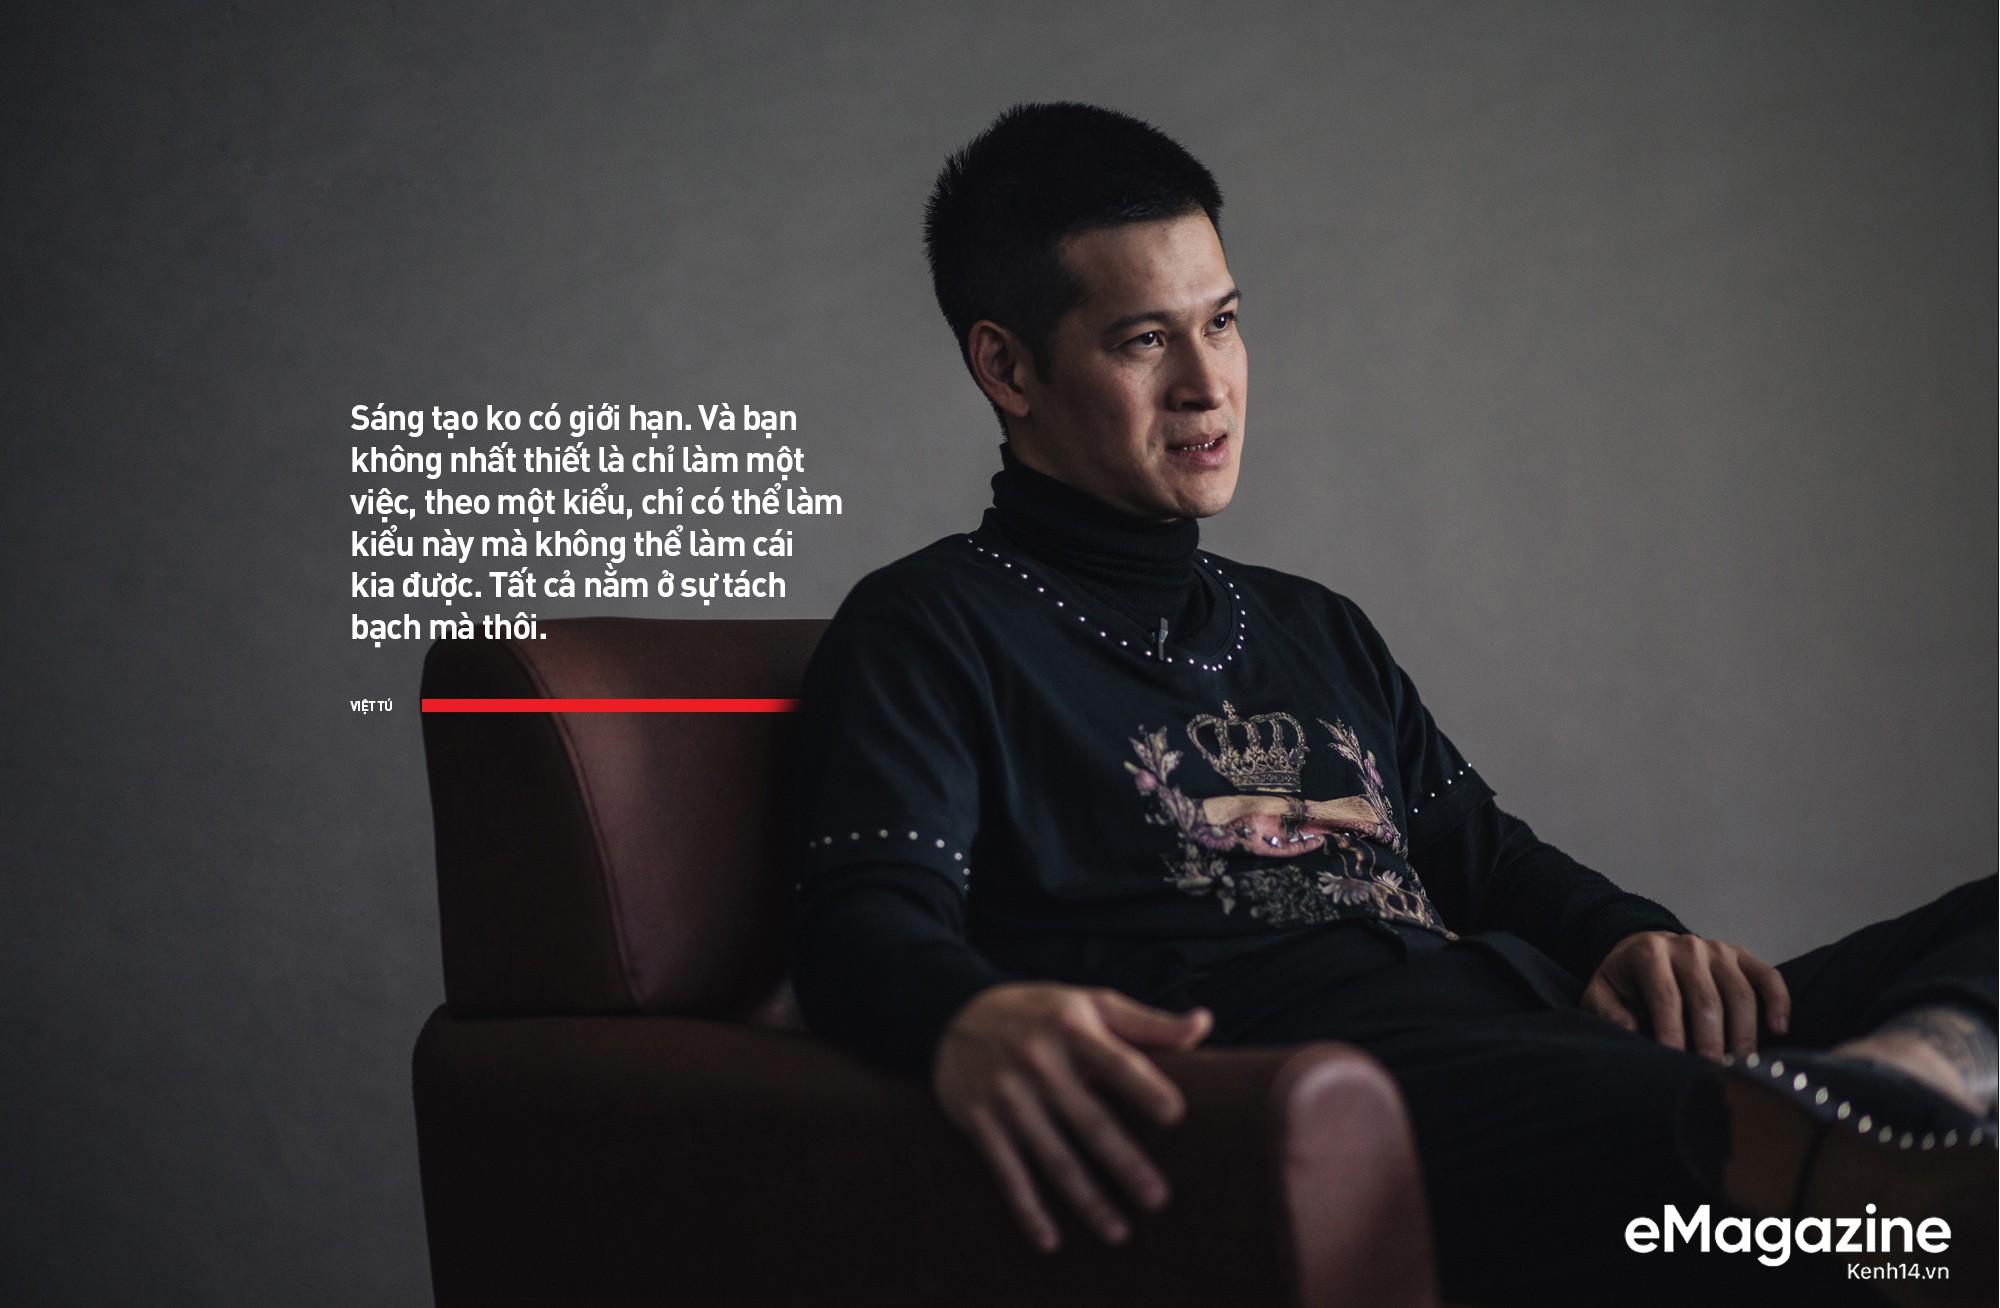 Đạo diễn Việt Tú: Ở Việt Nam, đa phần nghệ sĩ chưa biết quý trọng chất xám, và điều đấy khiến họ vất vả - Ảnh 18.